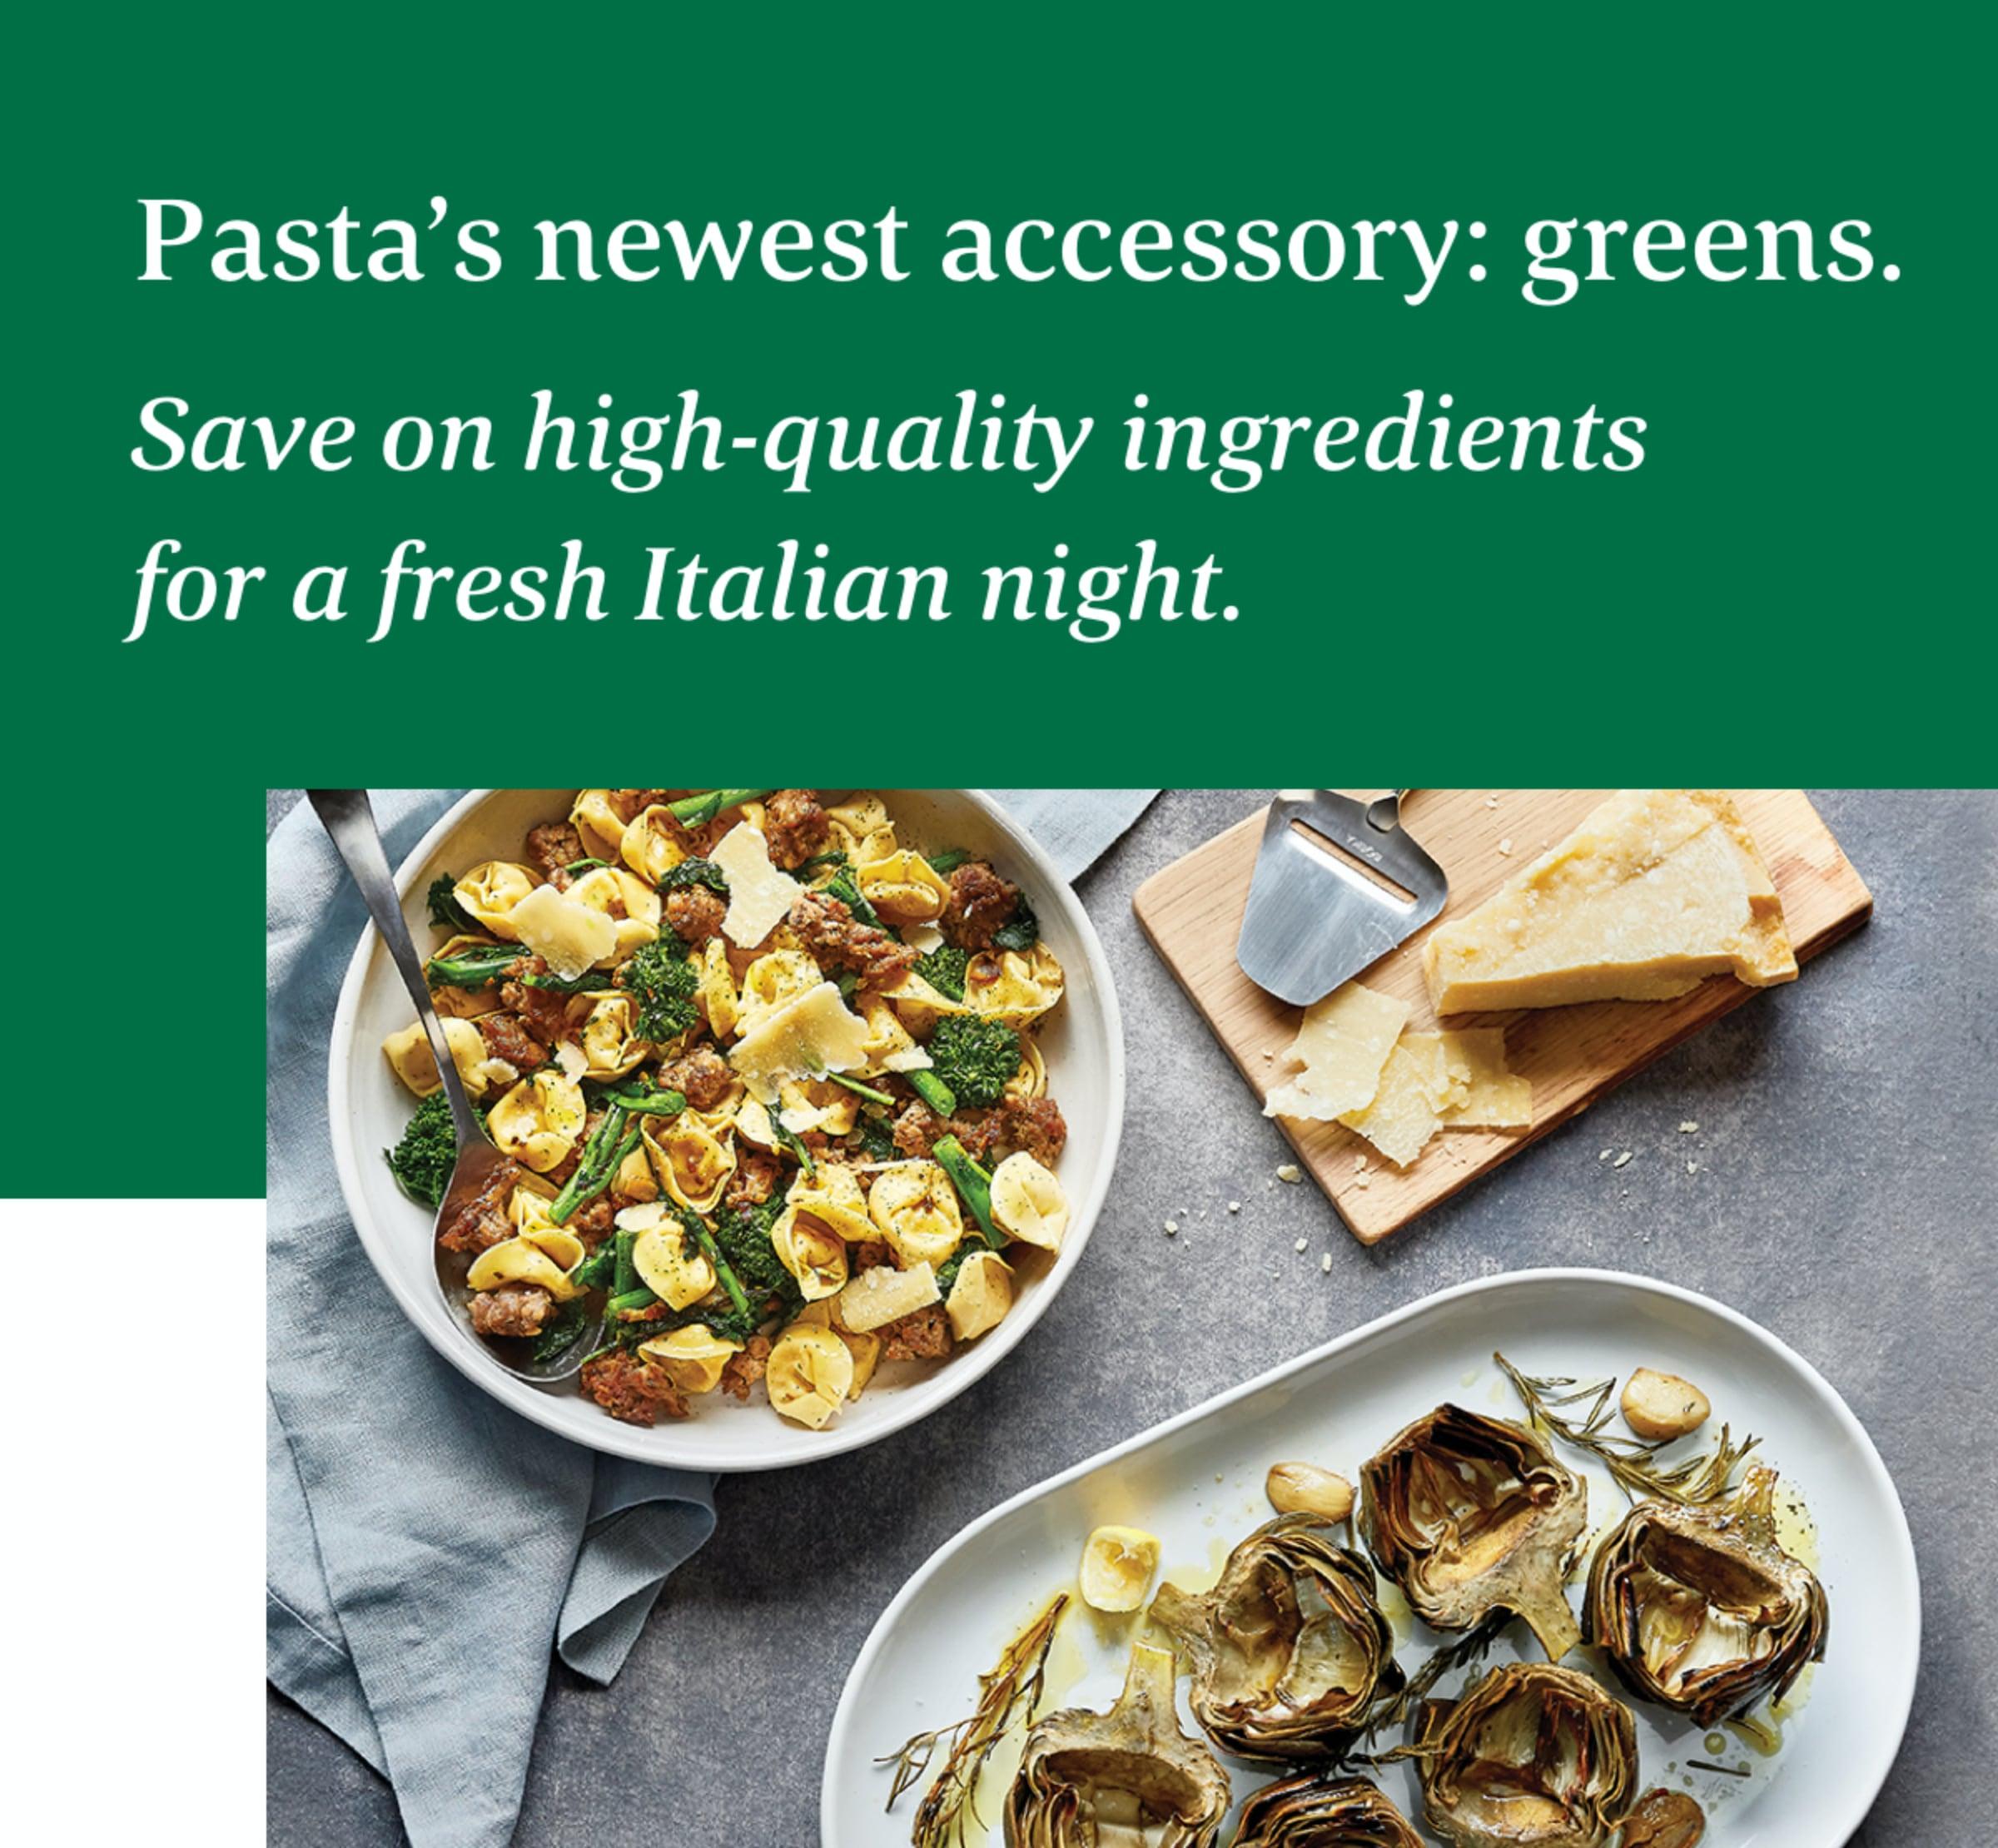 Foods Market italian food promo